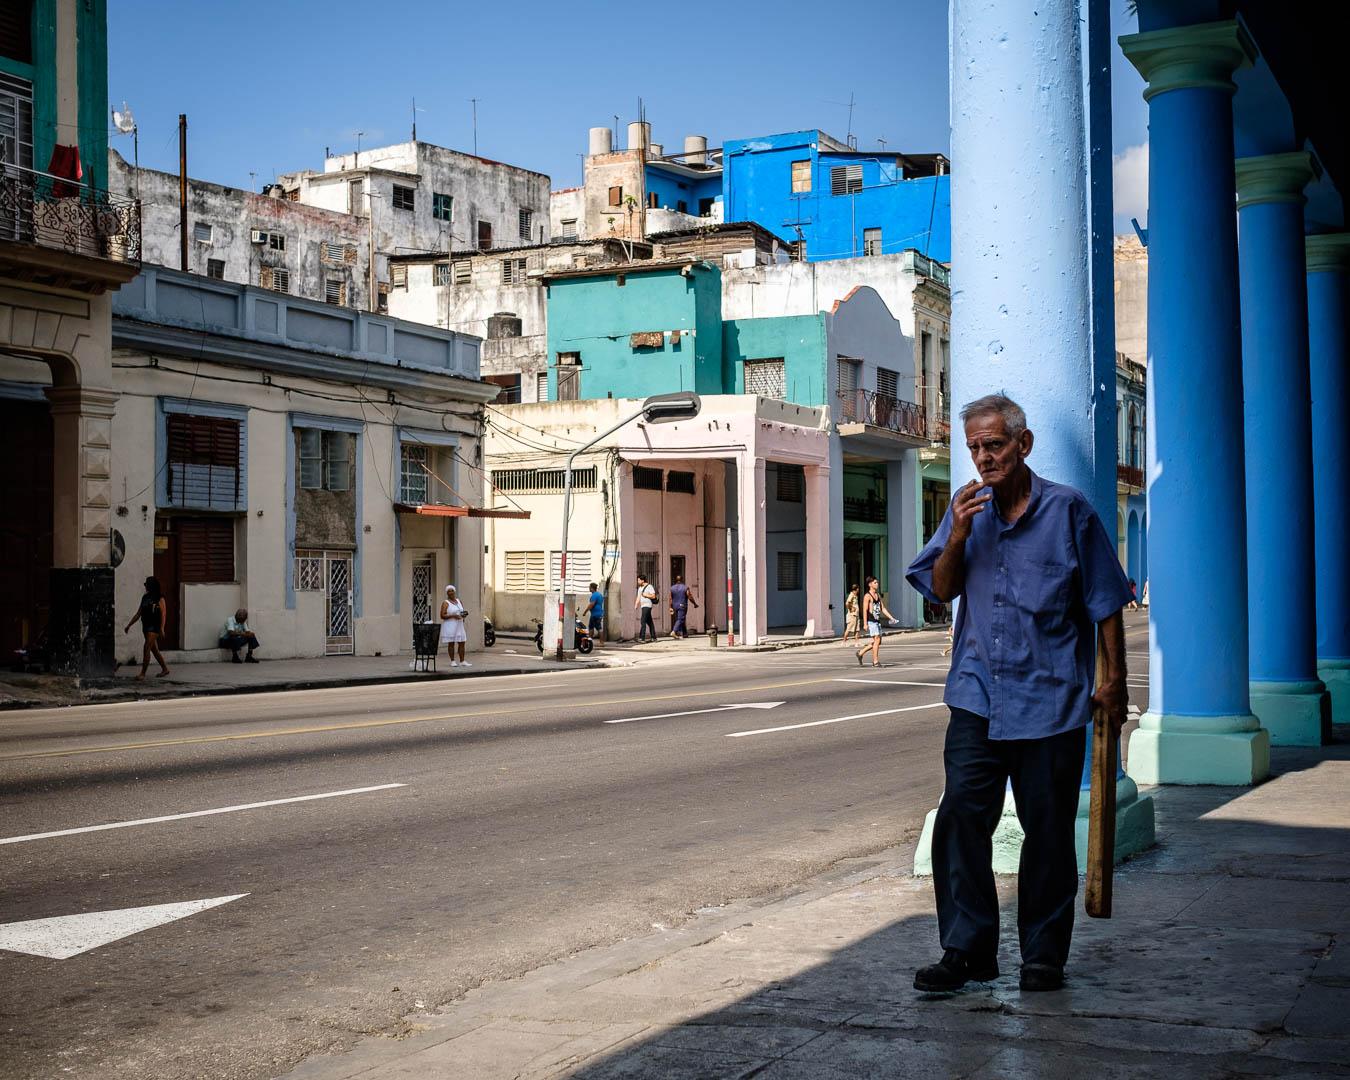 180430-Havana-168-1080.jpg